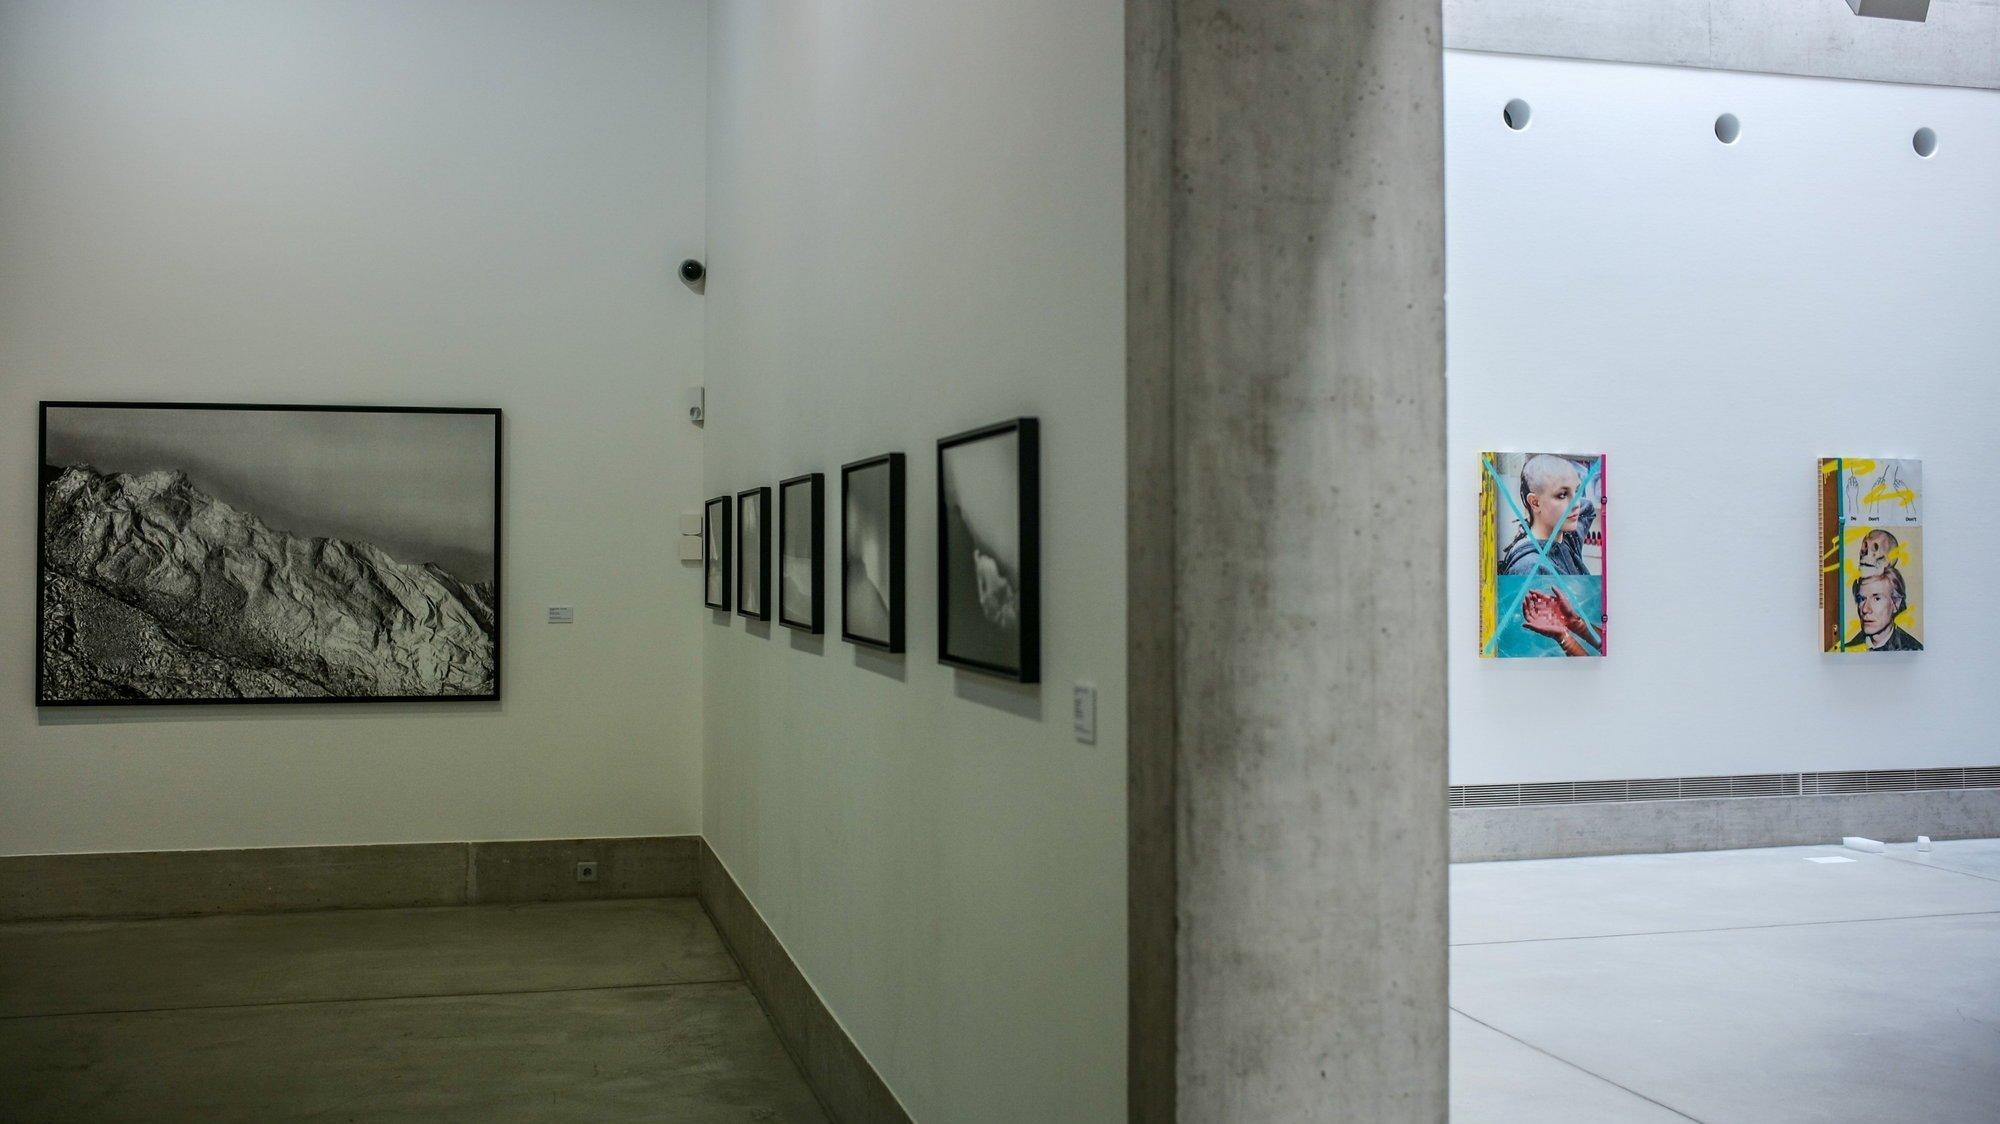 Un travail presque paradoxal entre deux salles. Celui de Dominique Teufen, des images nées d'une photocopieuse et l'autre de Mazaccio & Drowilal, influencées par la culture numérique.